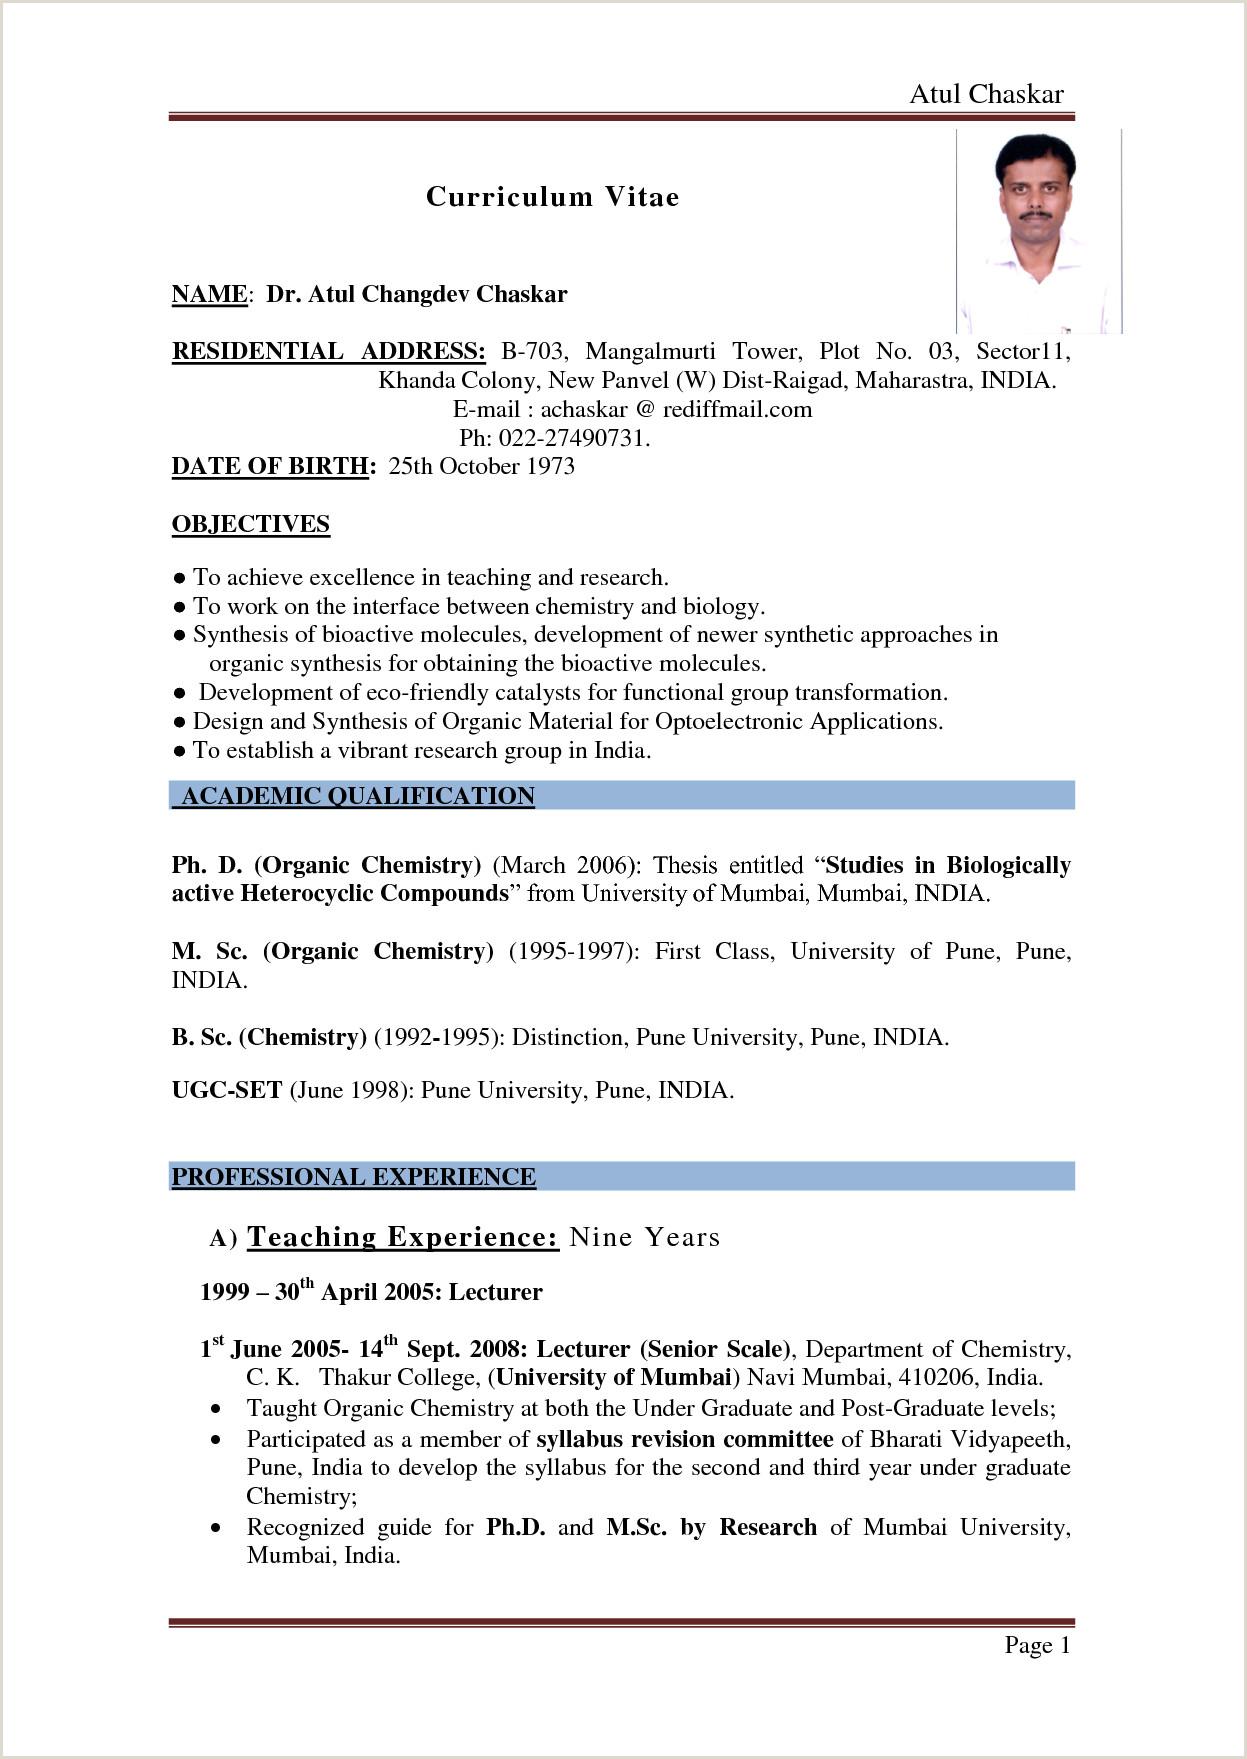 Fresher Teacher Cv format Part 2 Resume format Examples